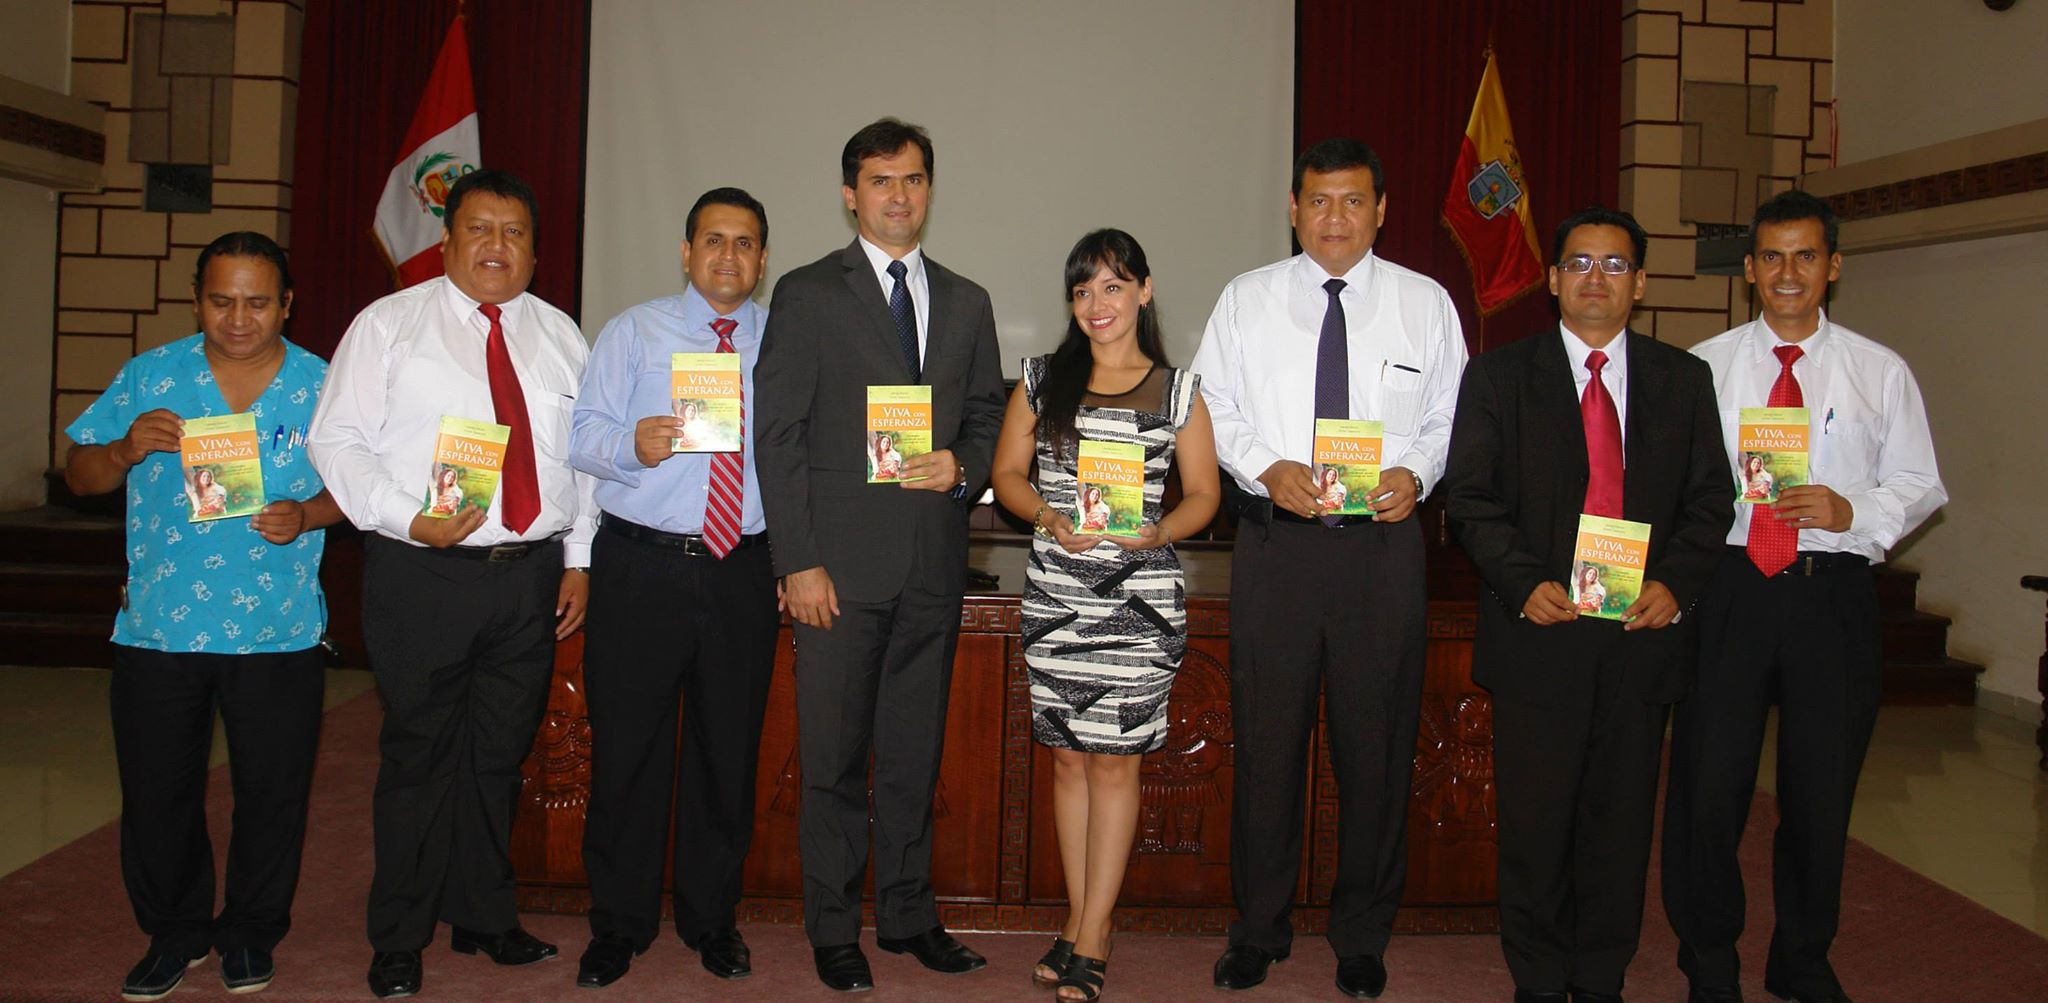 Conferencia Magistral en Gobierno Regional por Semana Santa2